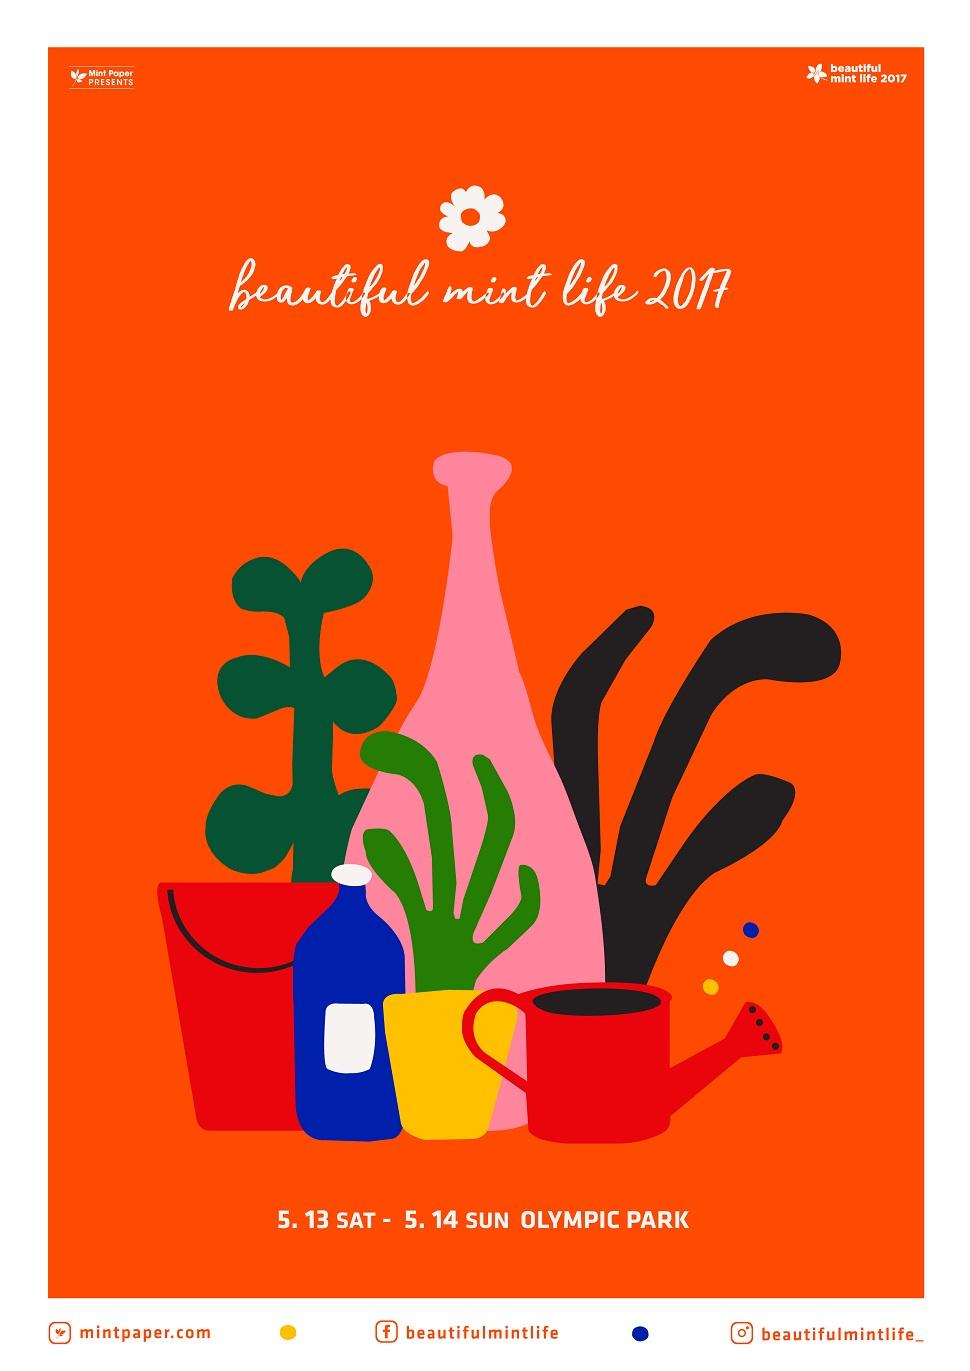 뷰티풀 민트 라이프 2017 티저 포스터